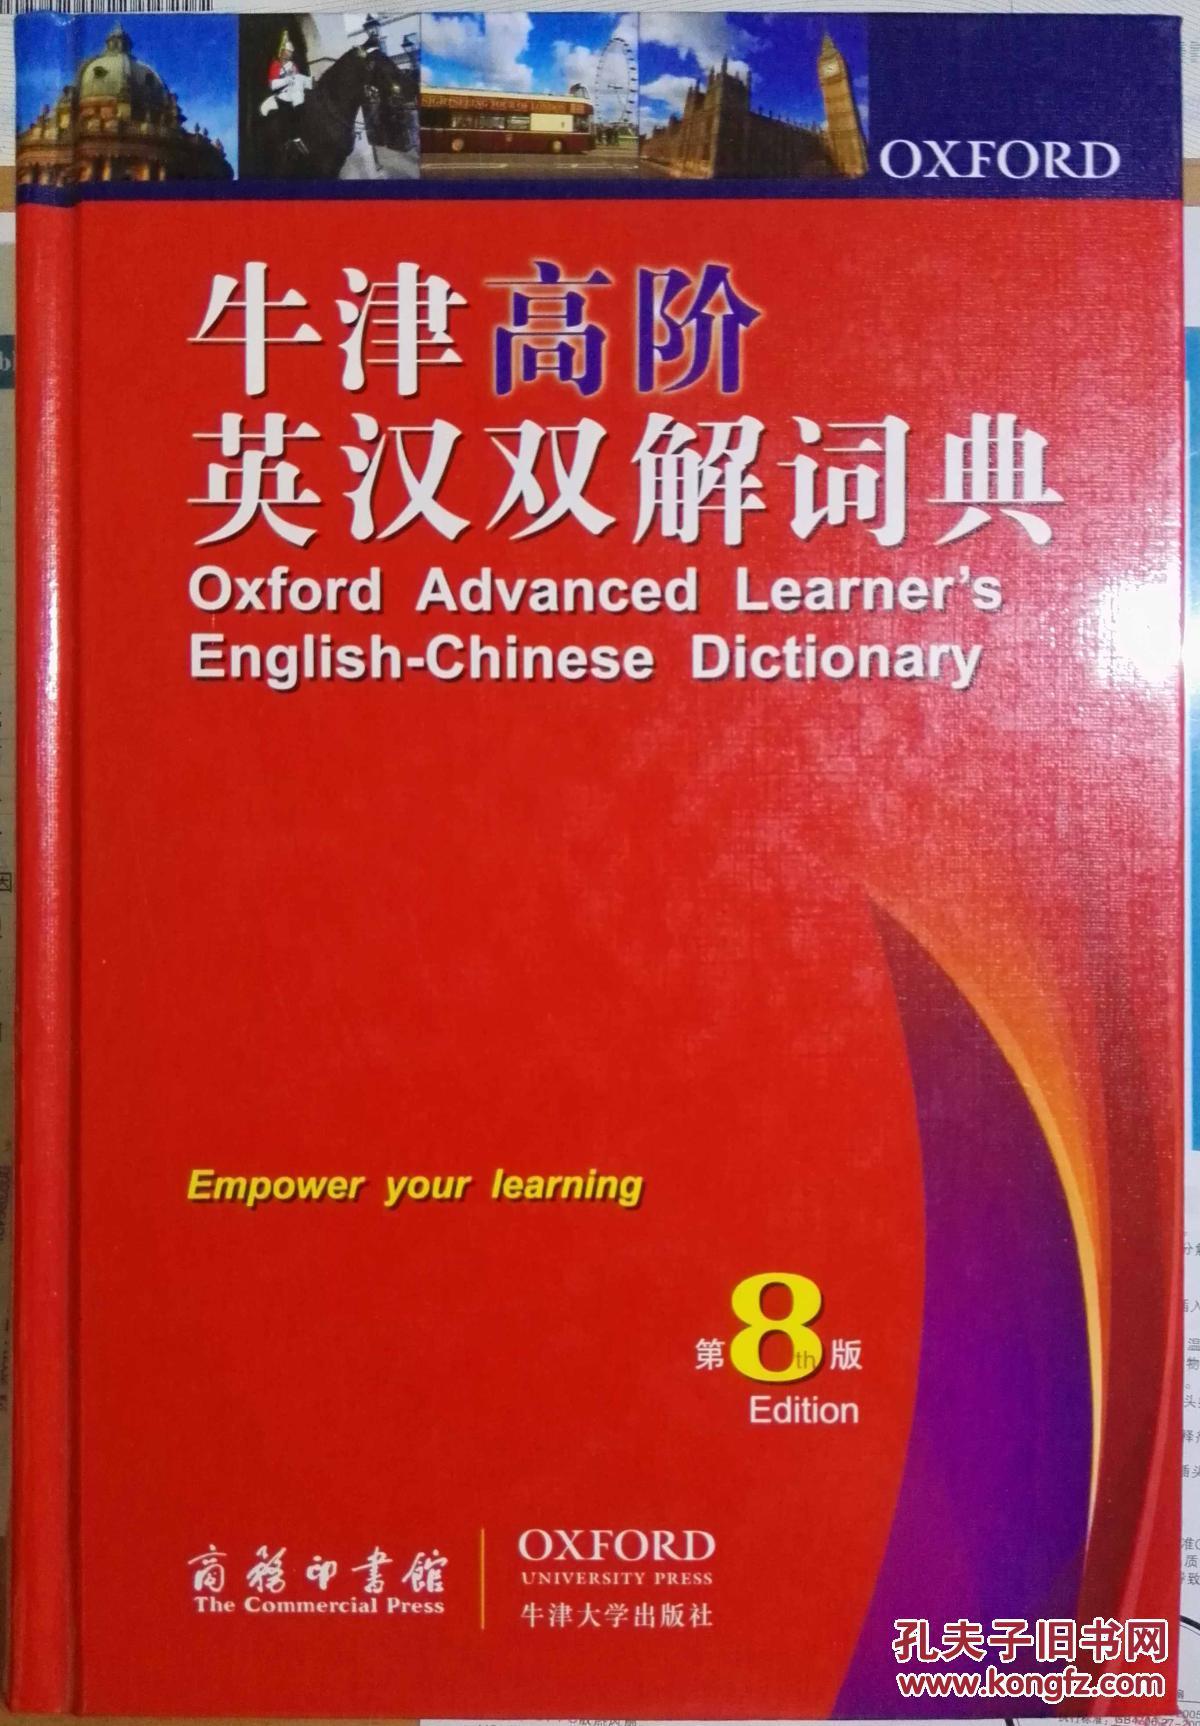 牛津高阶英汉�:)��(�X[_牛津高阶英汉双解词典(第8版)